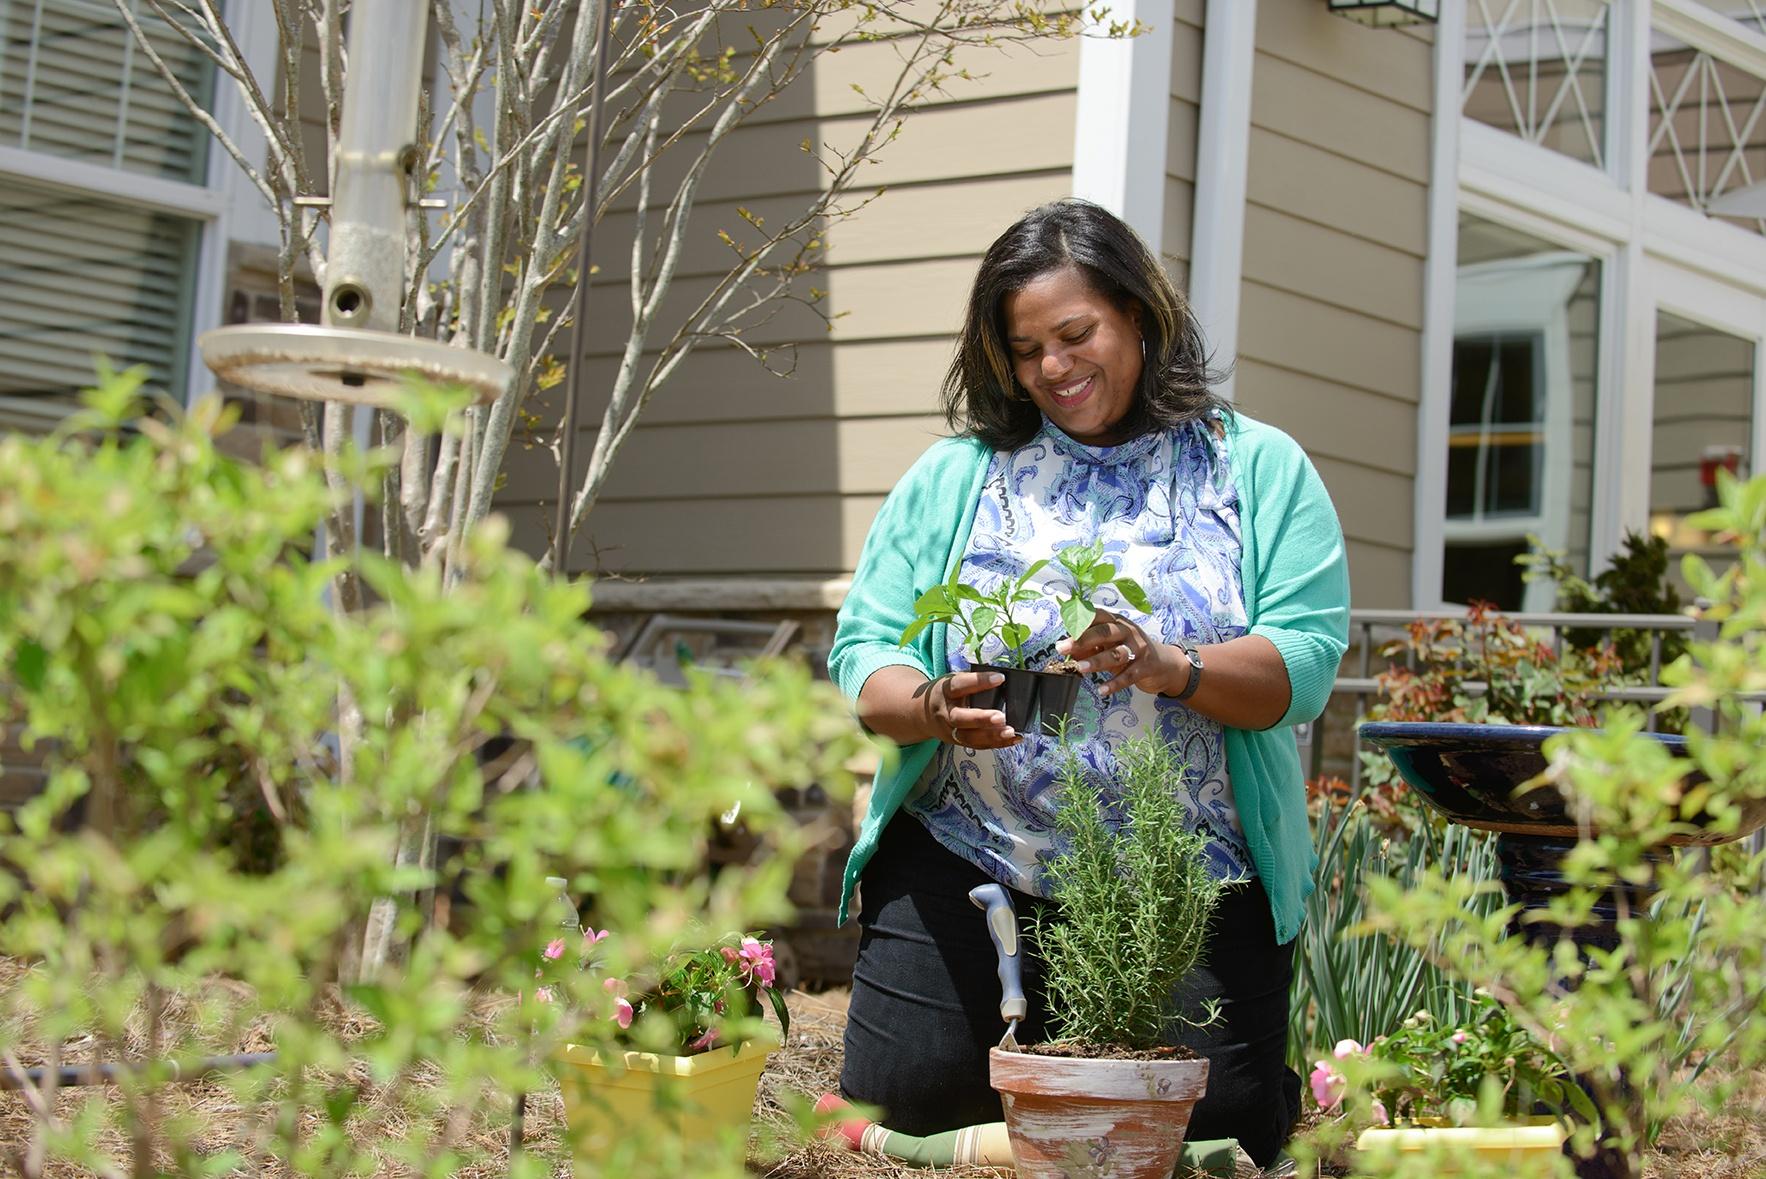 wellness_woman_gardening_diverse_K80_2678-1.jpg